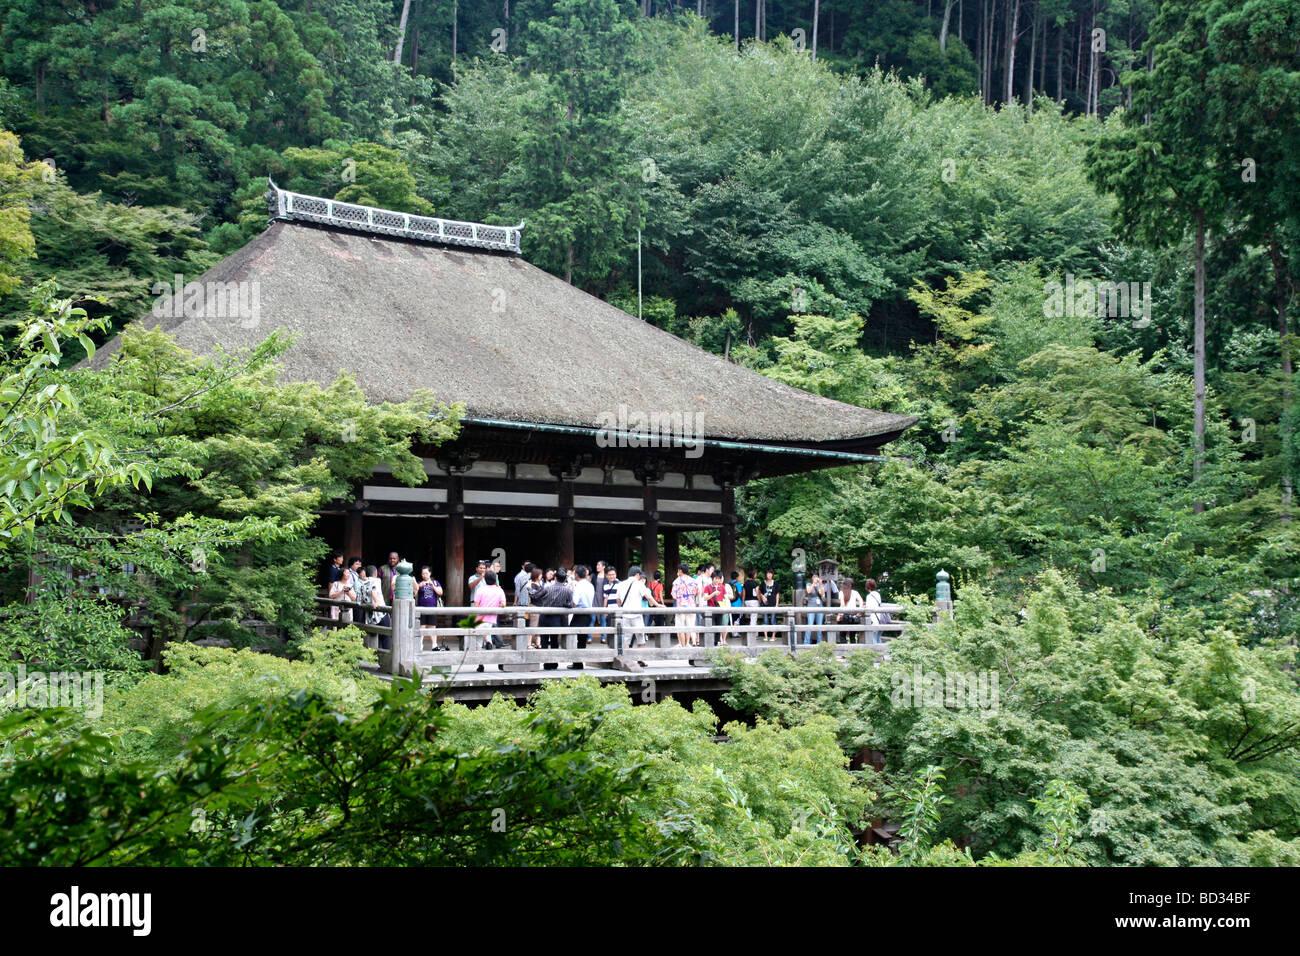 Templo Kiyomizu dera. El Protocolo de Kioto. Kansai. Japón Foto de stock